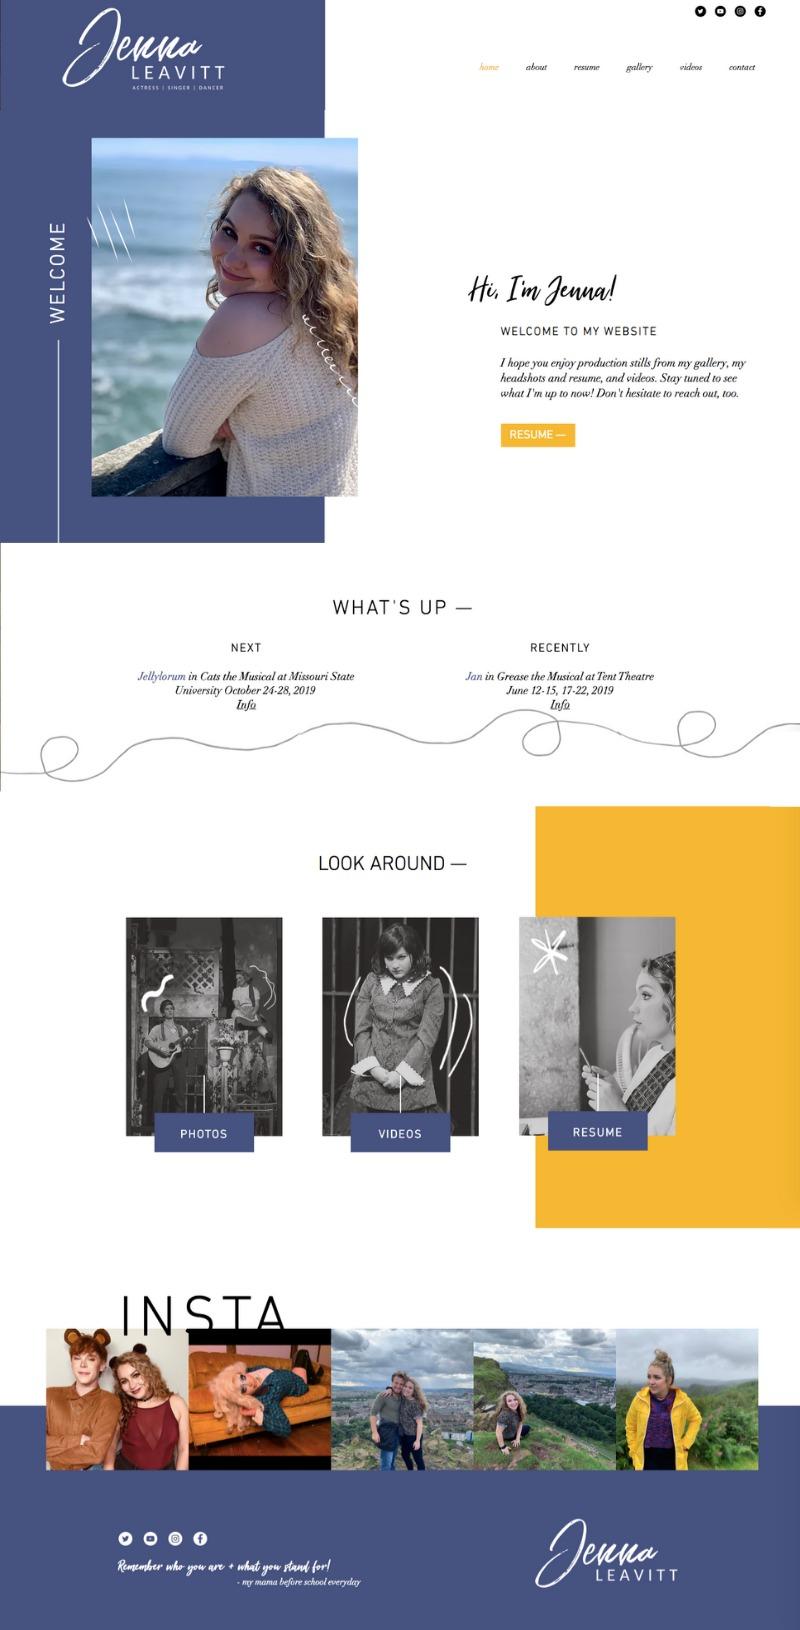 Wix website design for Jenna Leavitt by Bridgette Karl of forty-ninth street, websites for actors